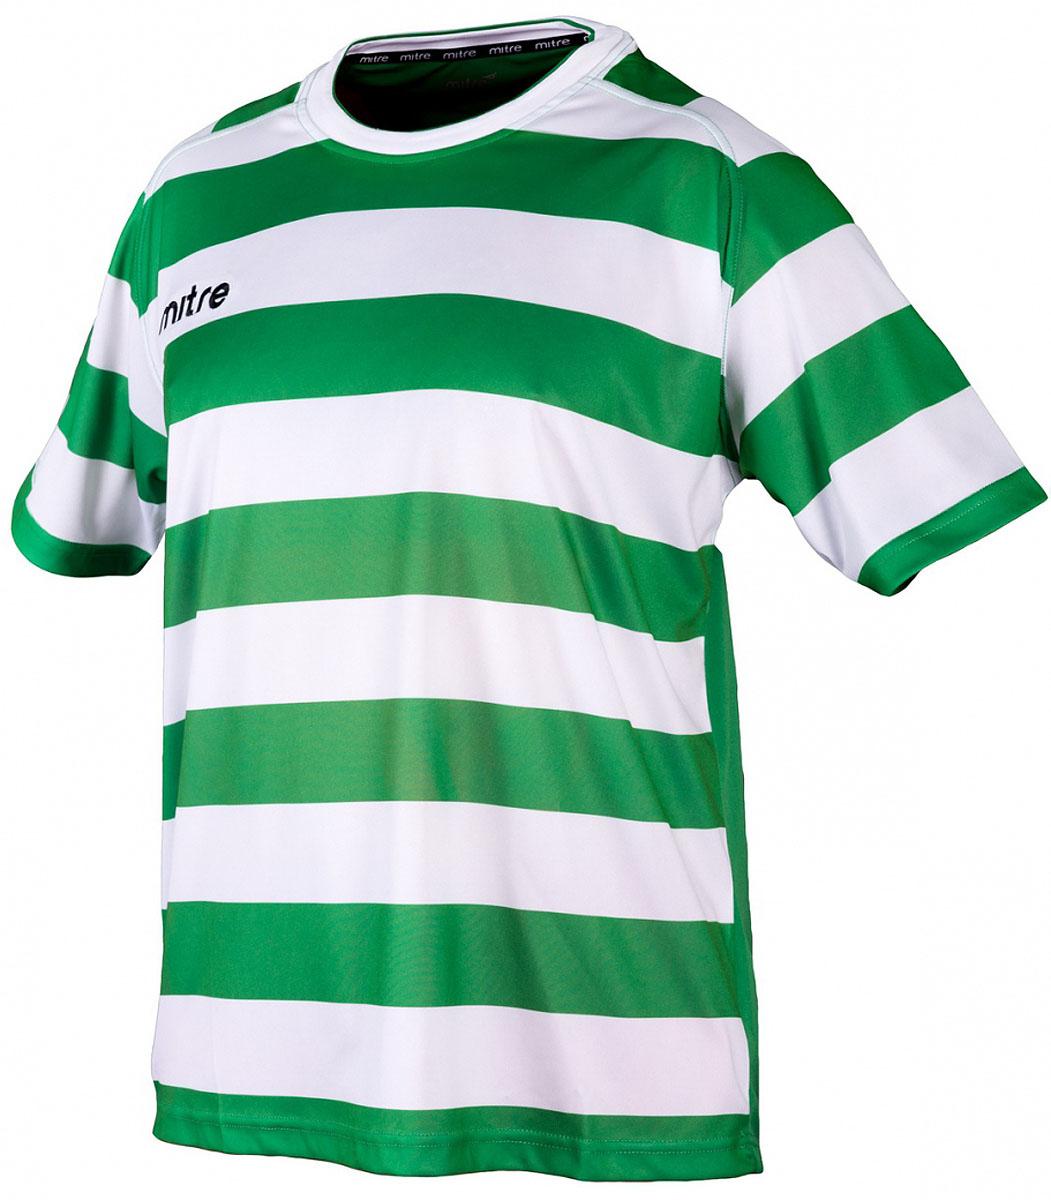 Футболка для мальчиков Mitre, цвет: зеленый. 5TT29024BGF9. Размер 1465TT29024BGF9Удобный эластичный ворот. Вышитый логотип Mitre. Состав: 100% полиэстер.